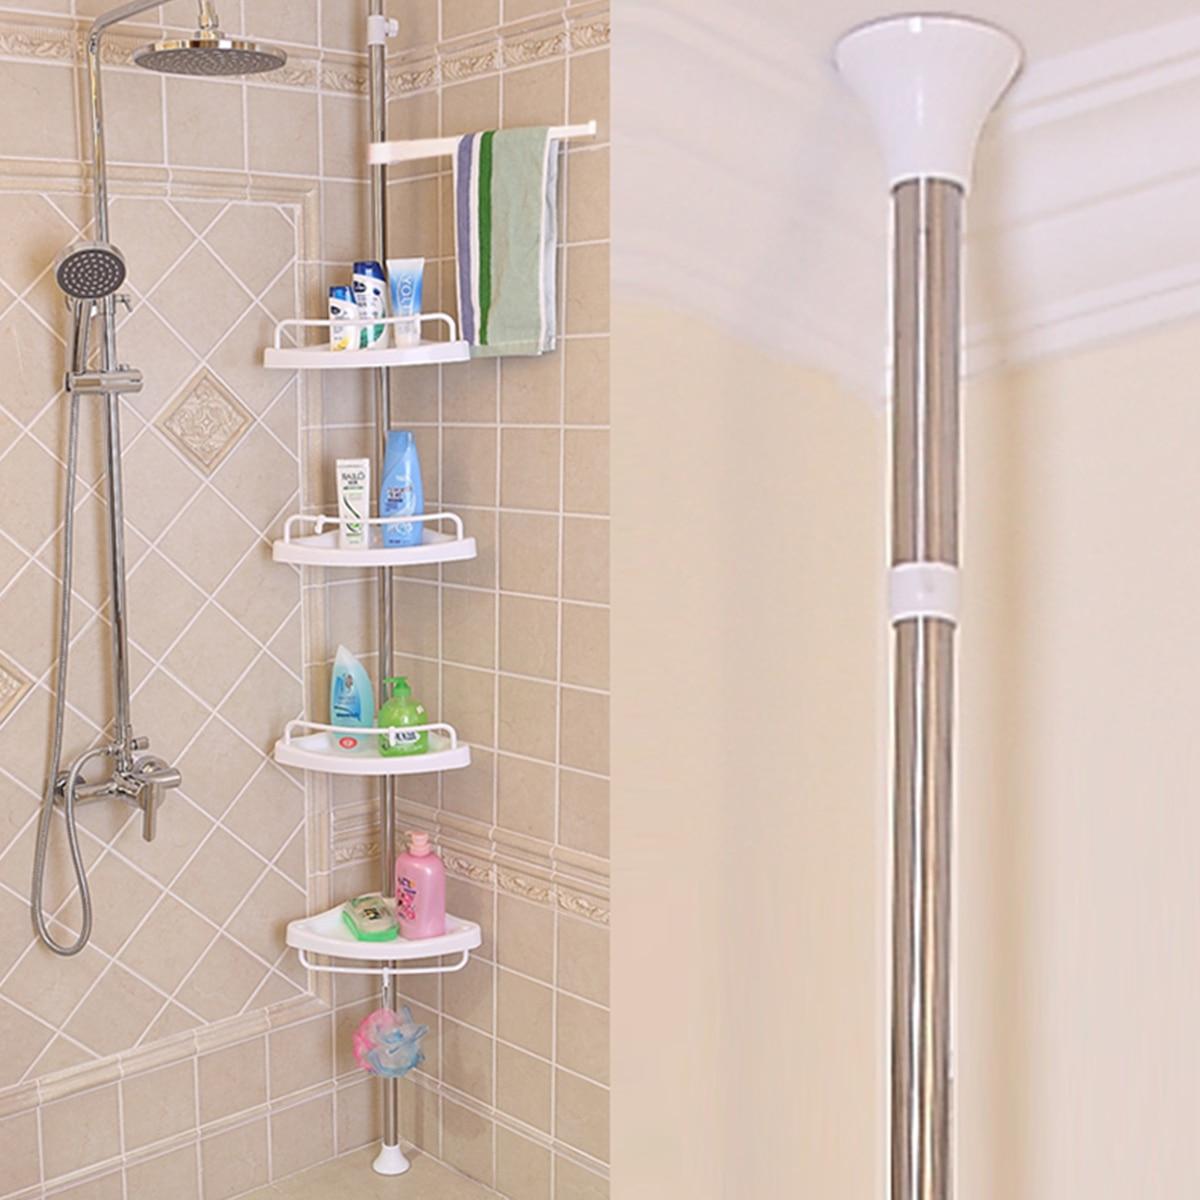 Xueqin 4 Tier Adjustable Telescopic Bathroom Corner Shower Shelf Rack Caddy Organiser Stainless Steel + PP 192-310cm White